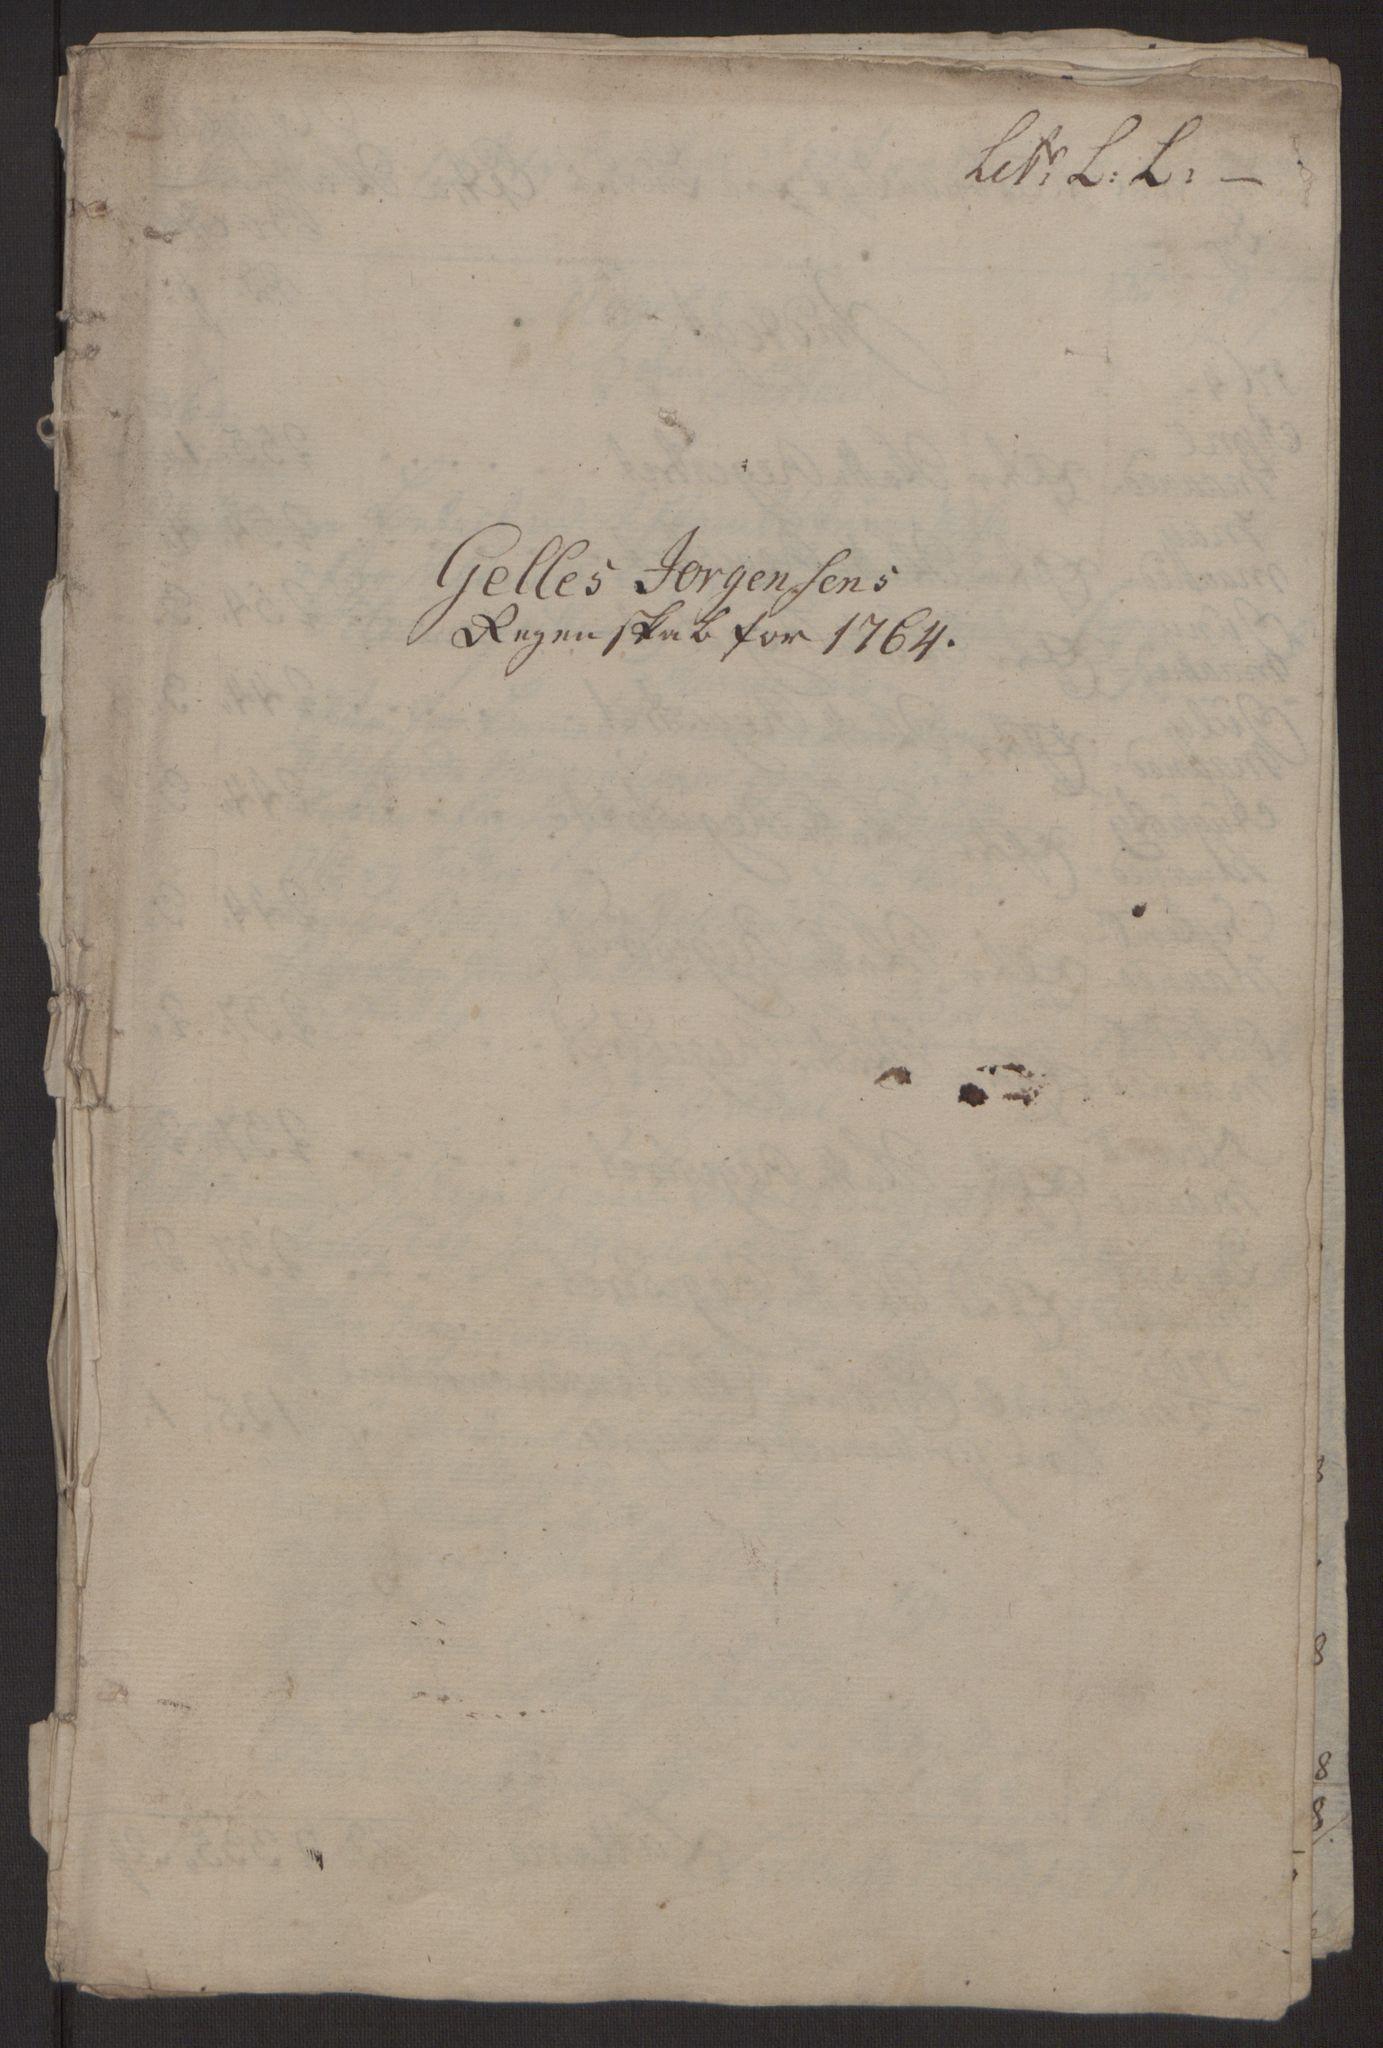 RA, Rentekammeret inntil 1814, Reviderte regnskaper, Byregnskaper, R/Rp/L0368: [P21] Kontribusjonsregnskap, 1764, s. 57